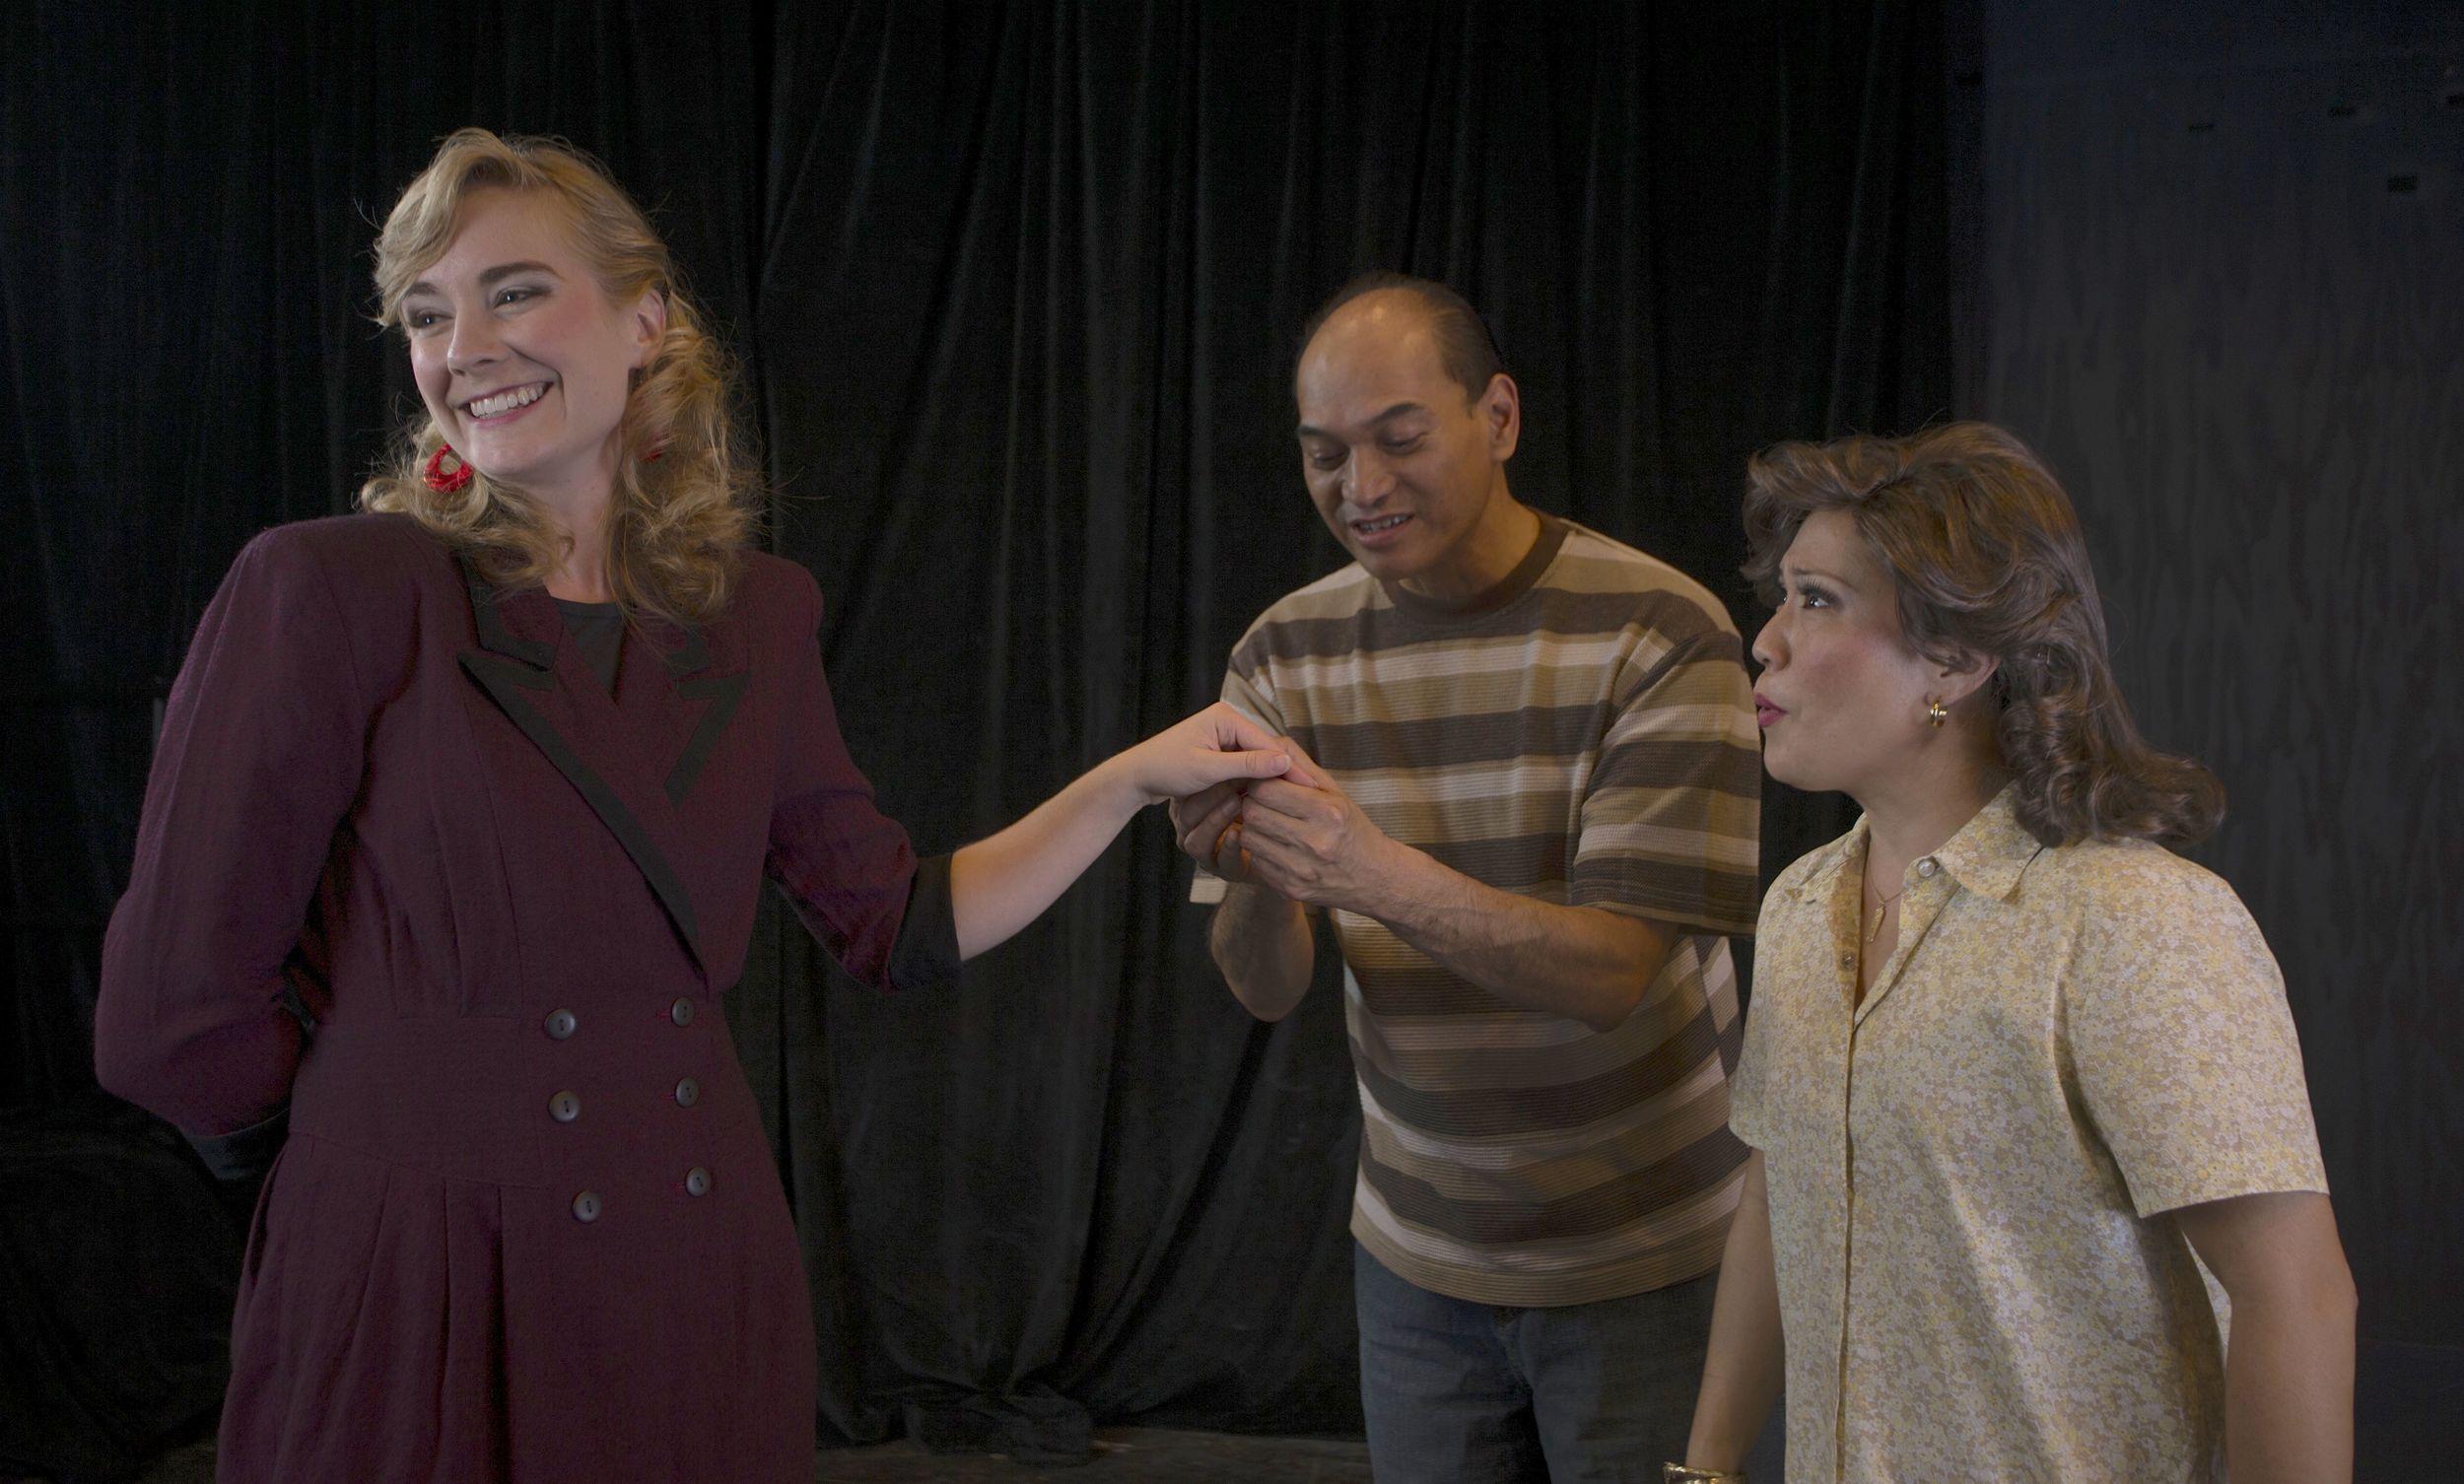 Joanna Mills Jim Aina and Kat Nakano 3.jpg